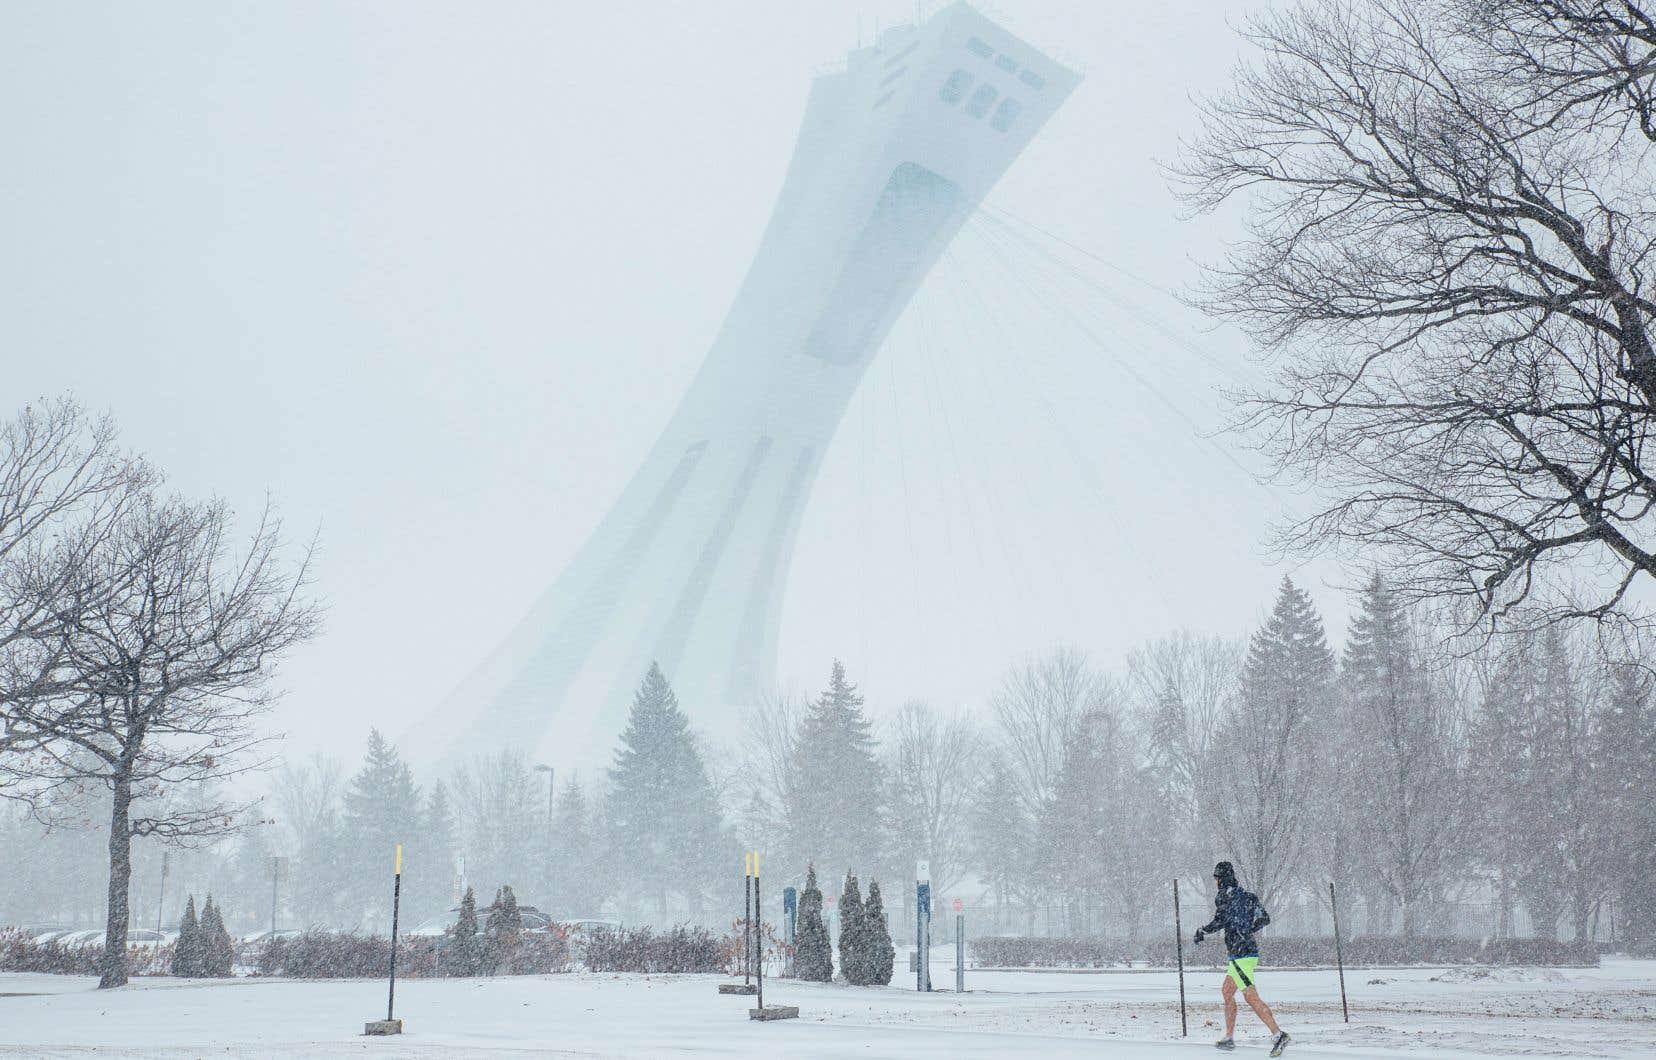 Alors que tout un chacun appréhendait la journée de lundi, qu'on annonçait plutôt catastrophique en raison du verglas, du grésil, de la neige et du vent prévus, ce coureur ne s'est pas laissé décourager.